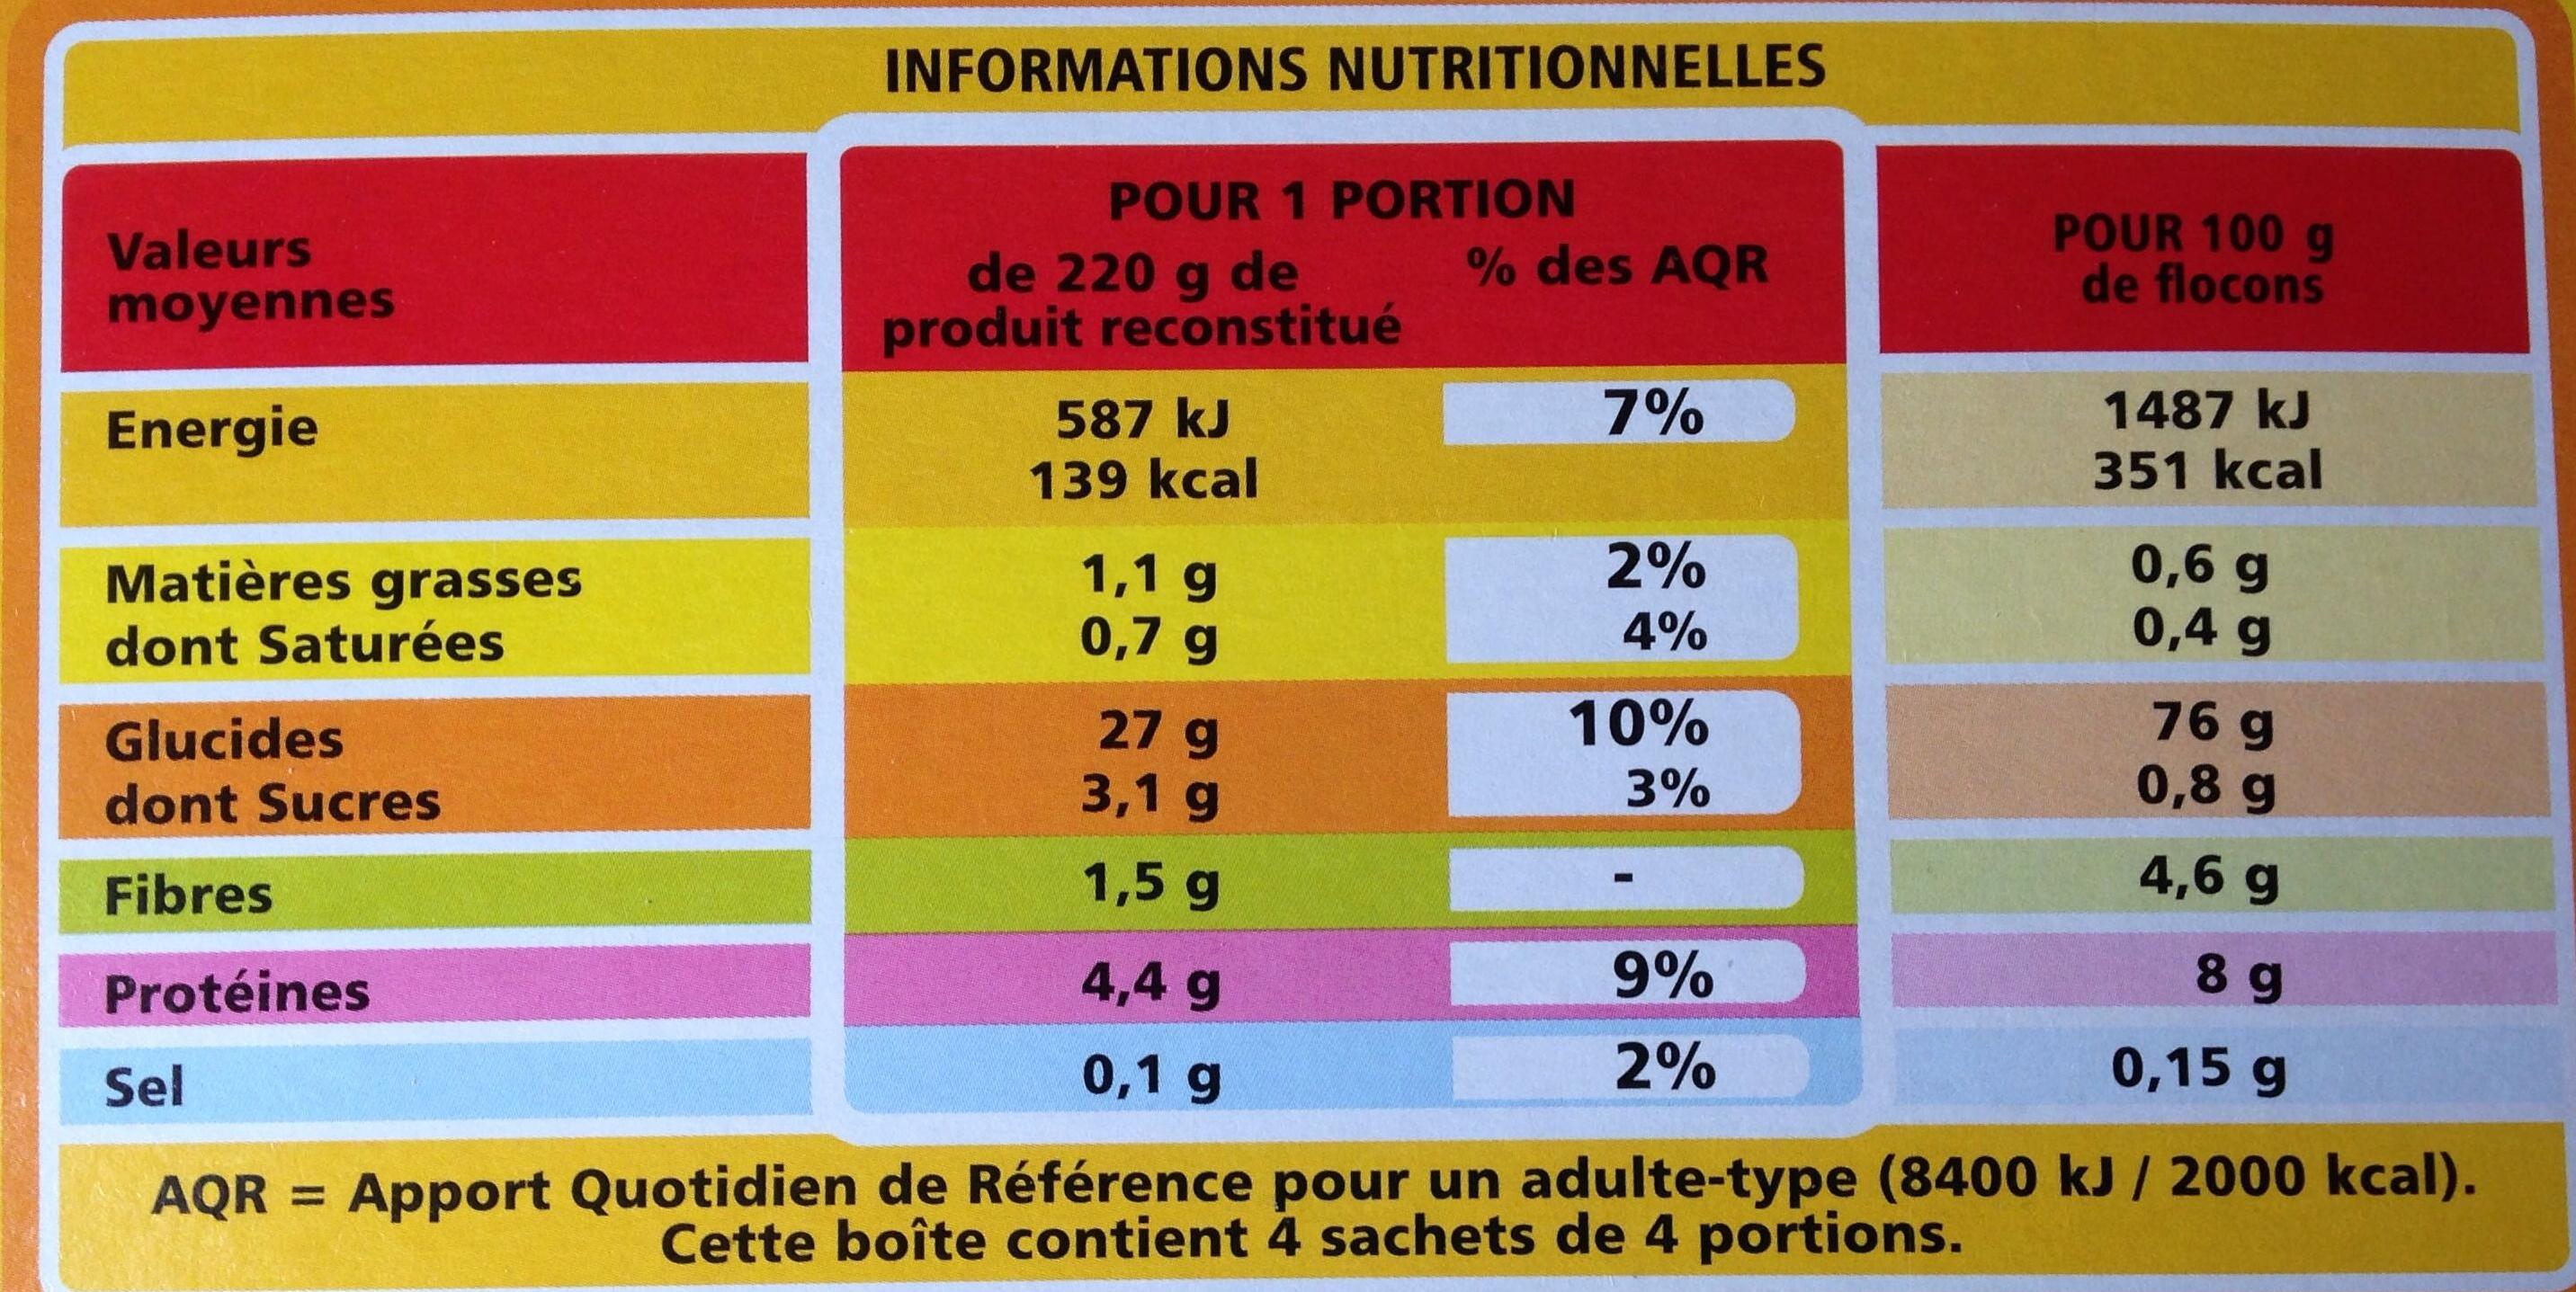 Purée nature - Purée de pommes de terre en flocons - Informazioni nutrizionali - fr